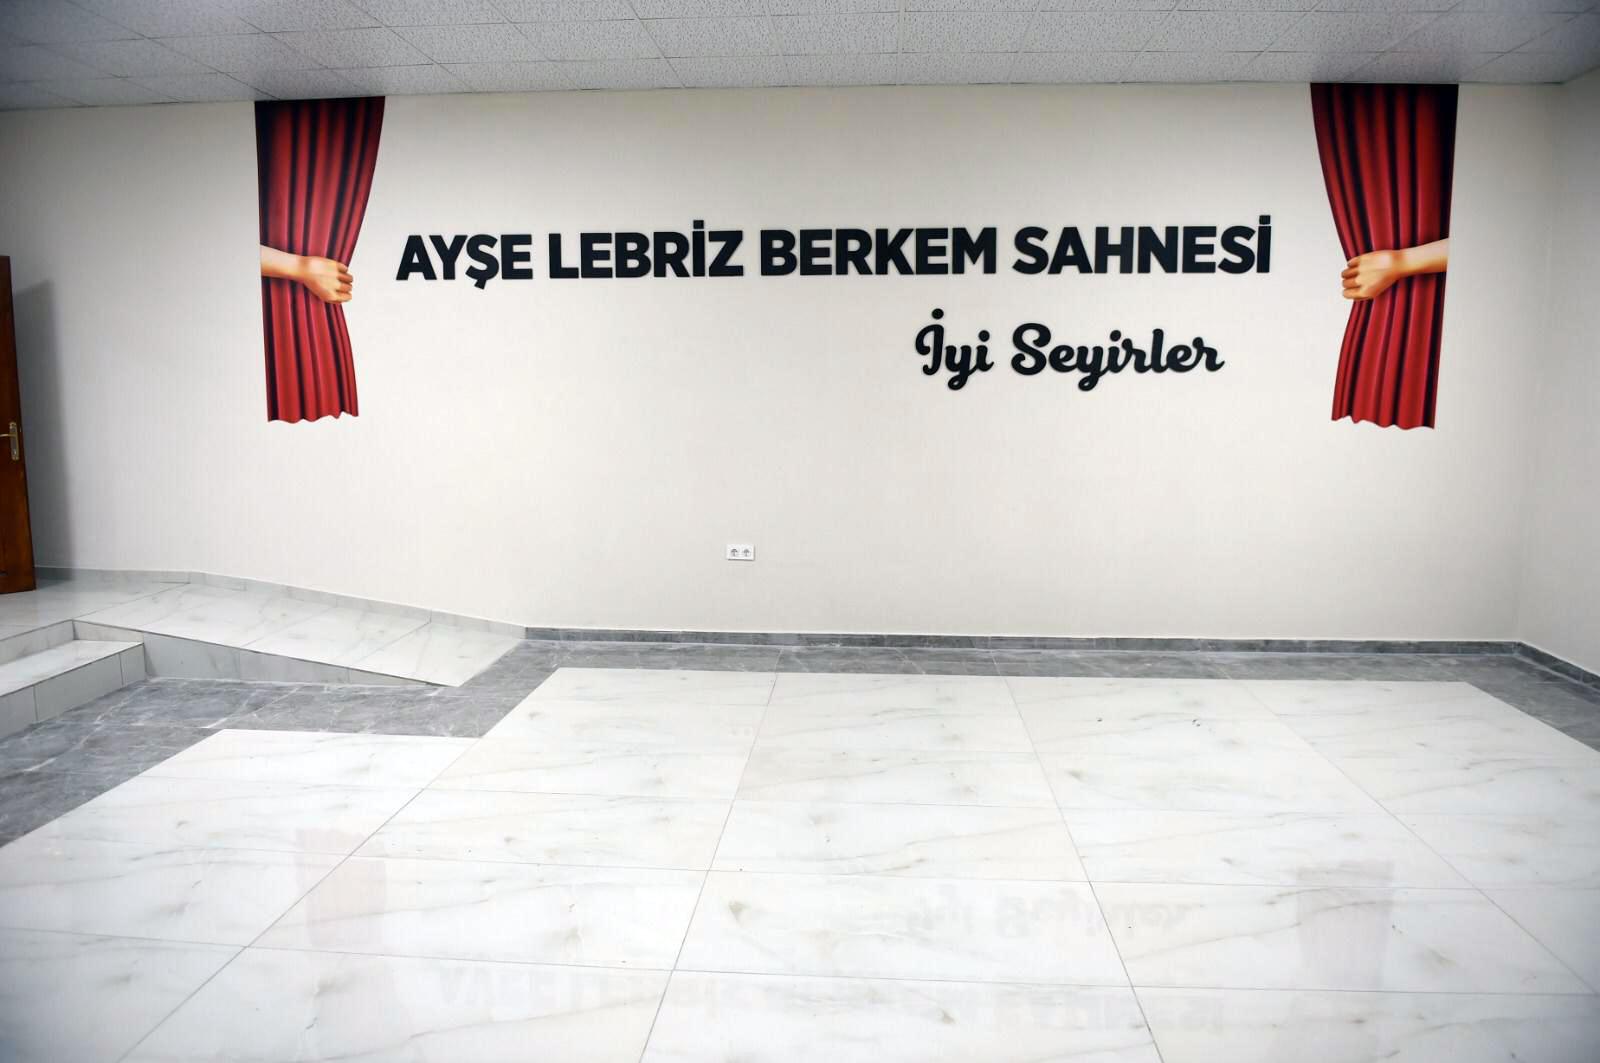 TARSUS'TA AYŞE LEBRİZ BERKEM SAHNESİ AÇILDI